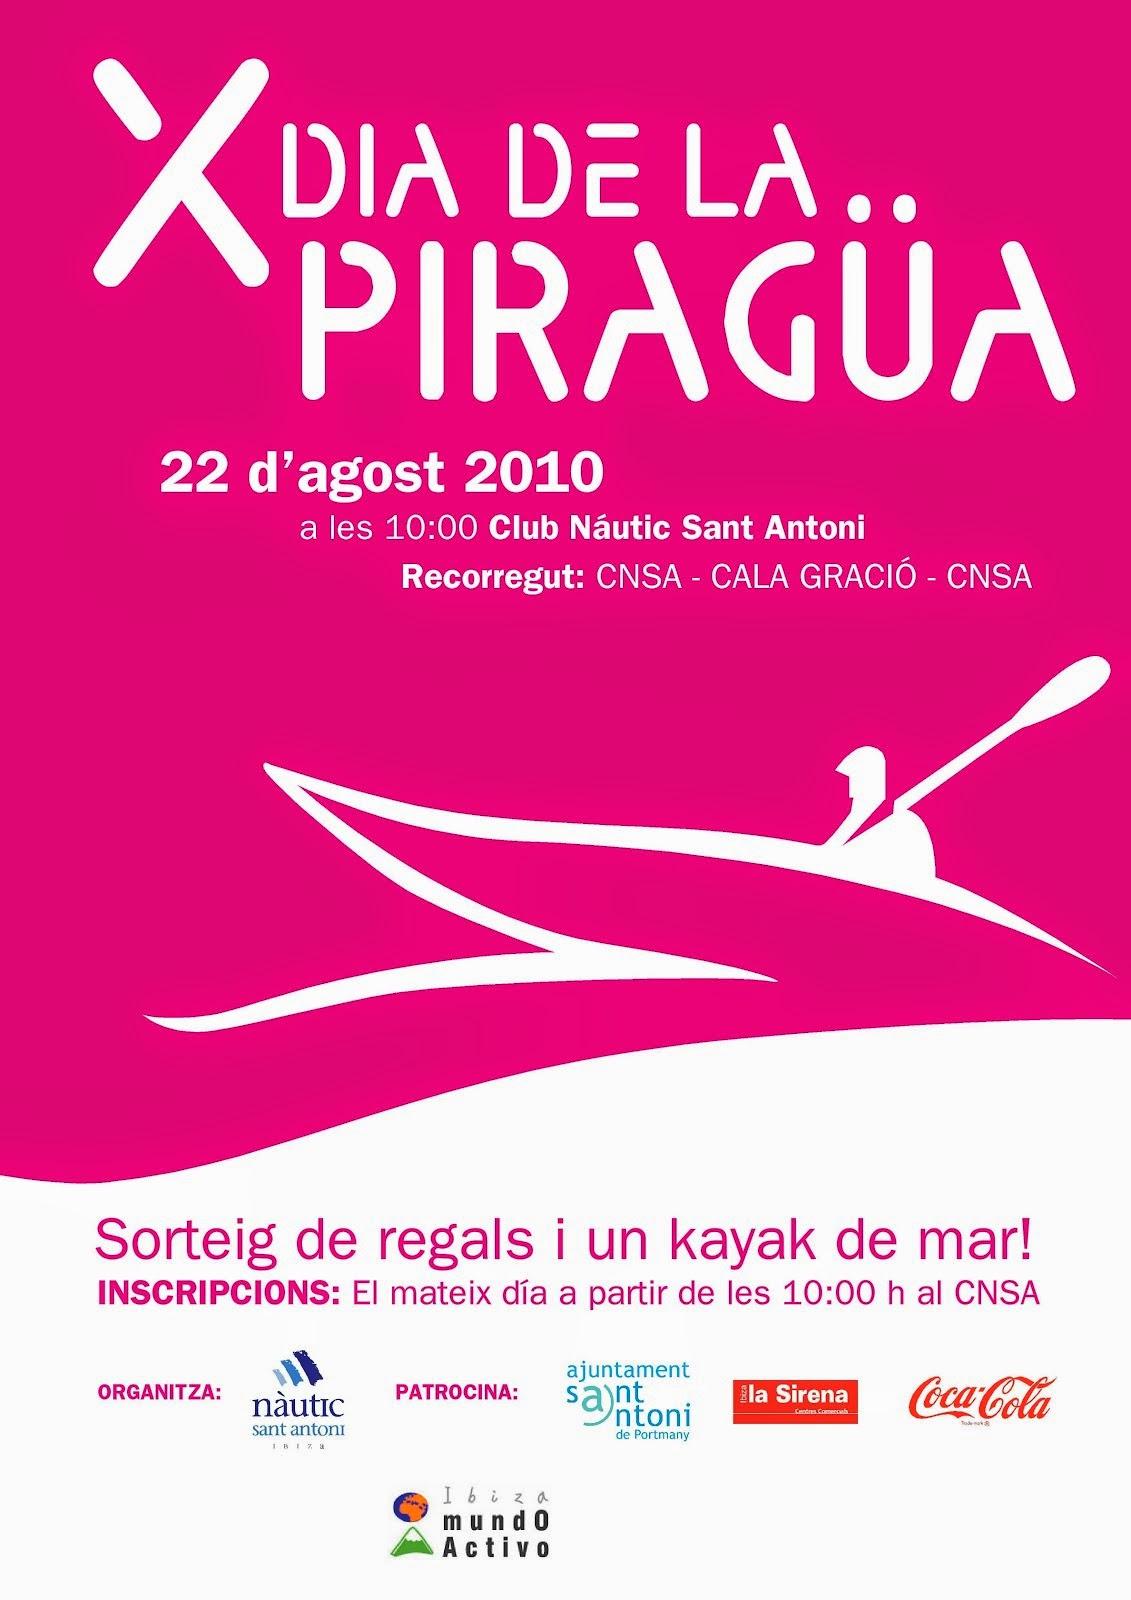 X Día de la Piragua